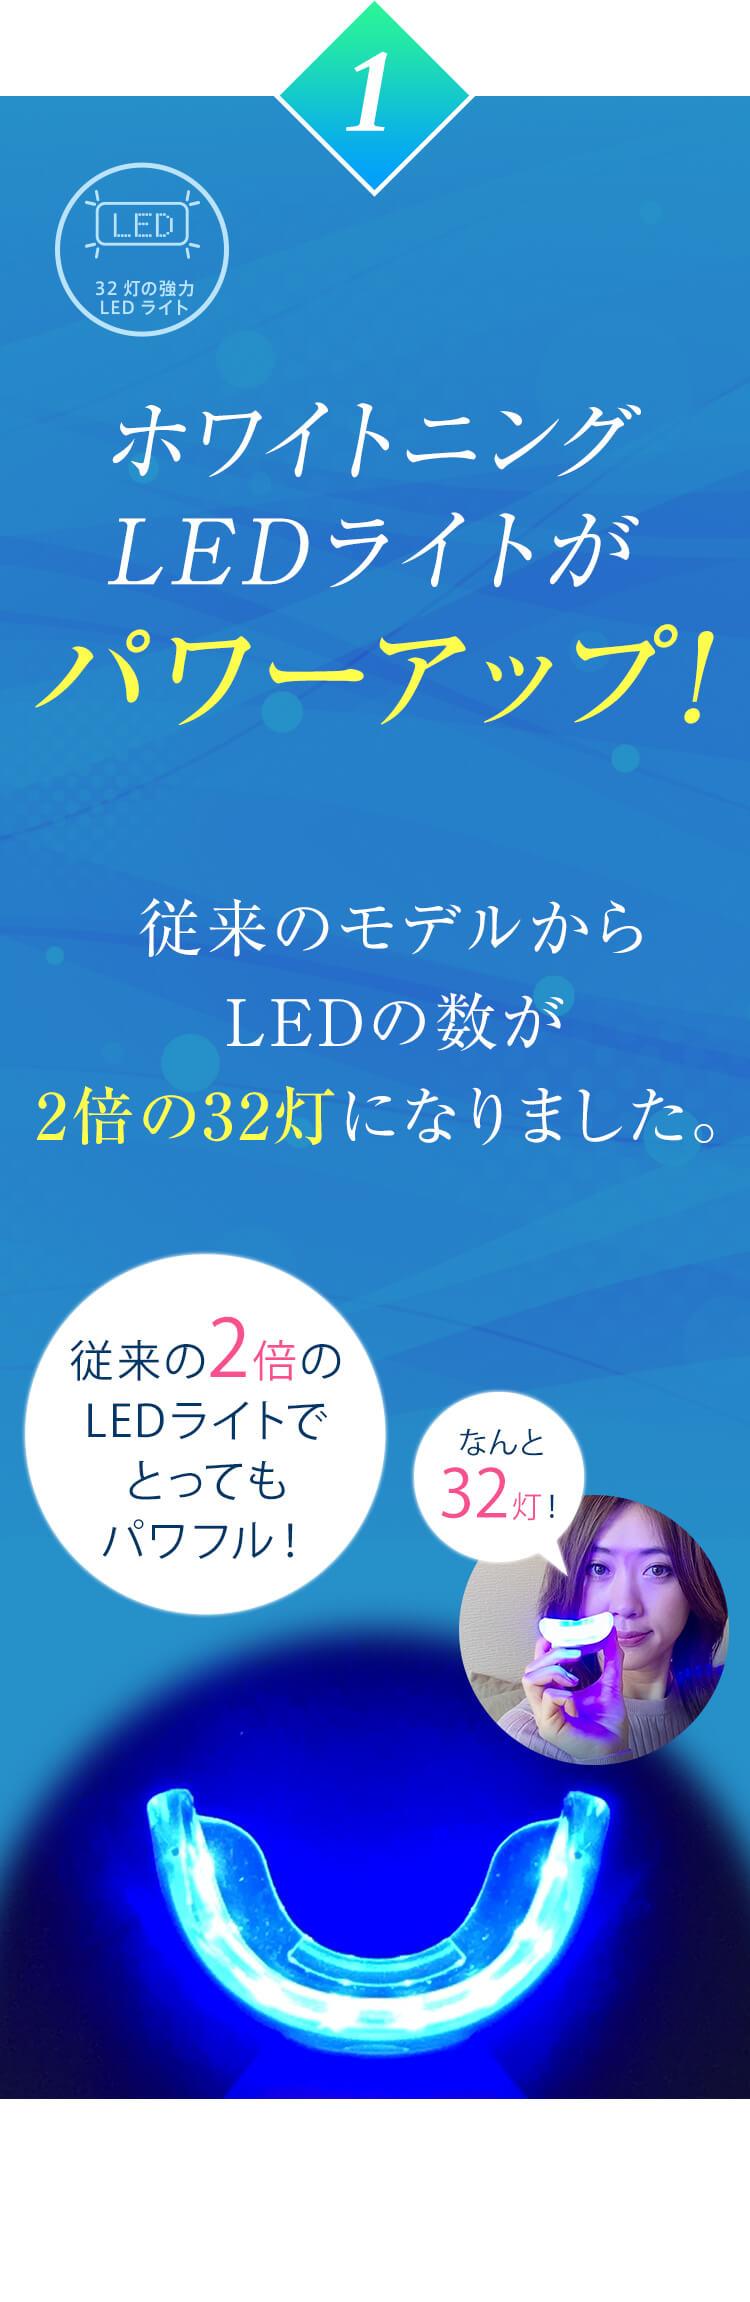 (1)ホワイトニングLEDライトがパワーアップ!従来のモデルからLEDの数が2倍の32灯になりました。